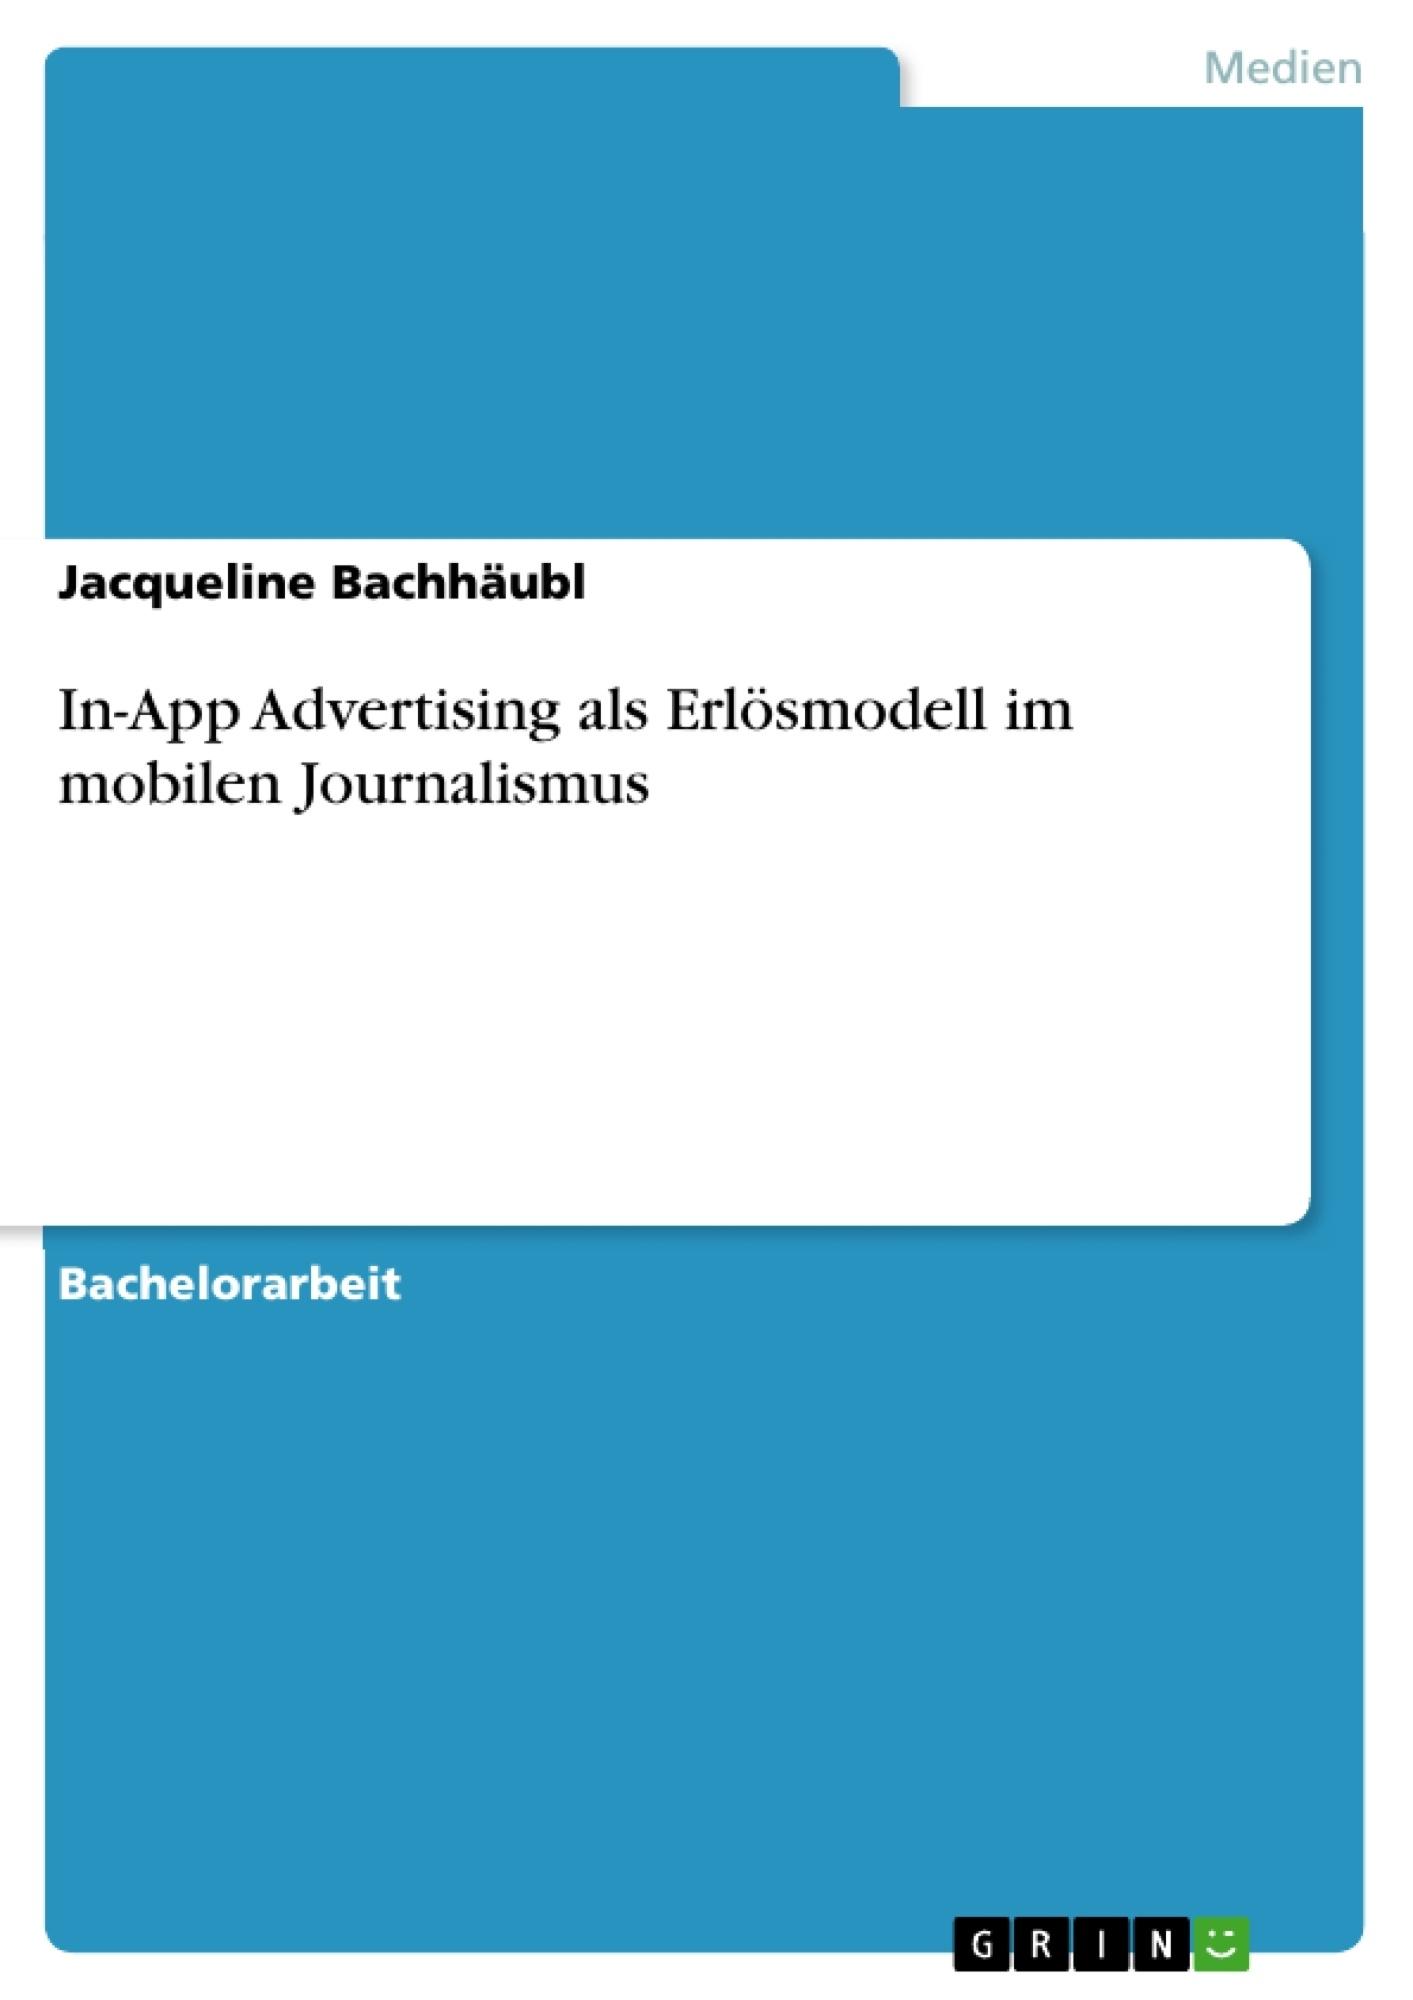 Titel: In-App Advertising als Erlösmodell im mobilen Journalismus. Eine quantitative Inhaltsanalyse zum Einsatz alter und neuer Werbeformen in Tablet-Apps